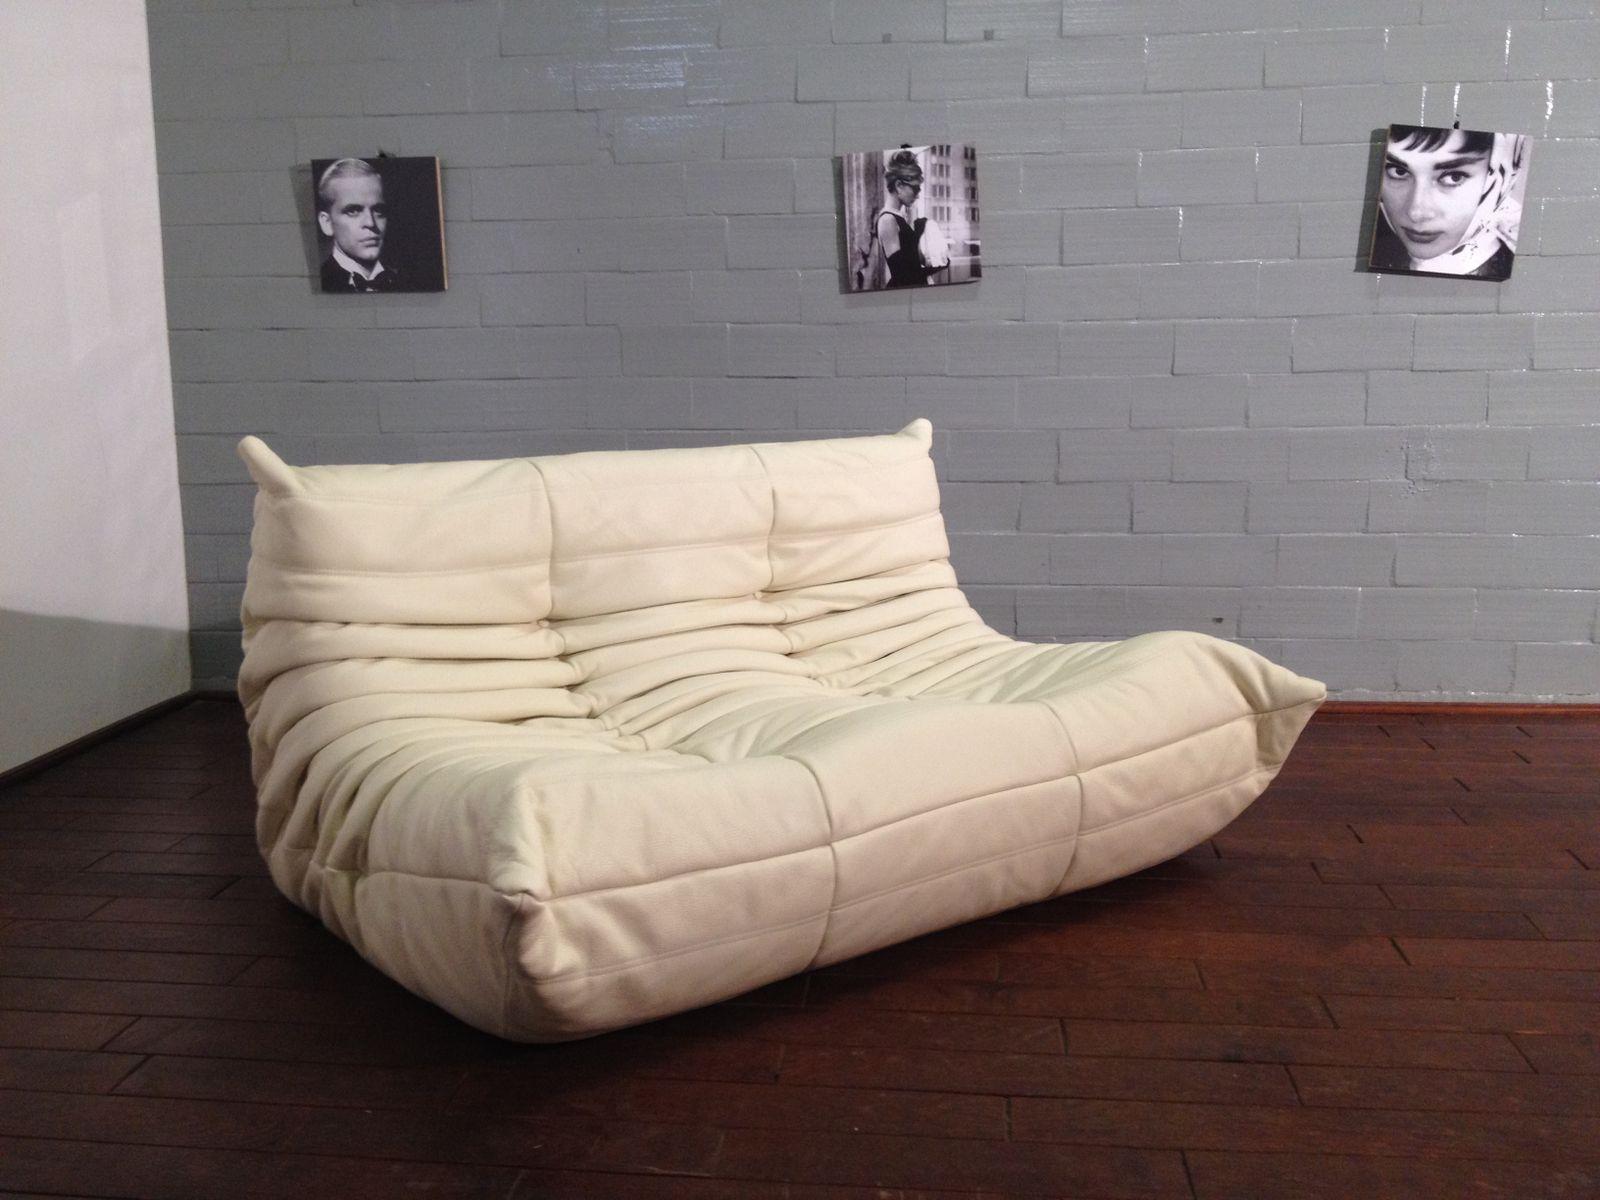 Housse Canapé togo Nouveau Galerie Canape Ligne Roset Prix Belle Maison Design Tarzx